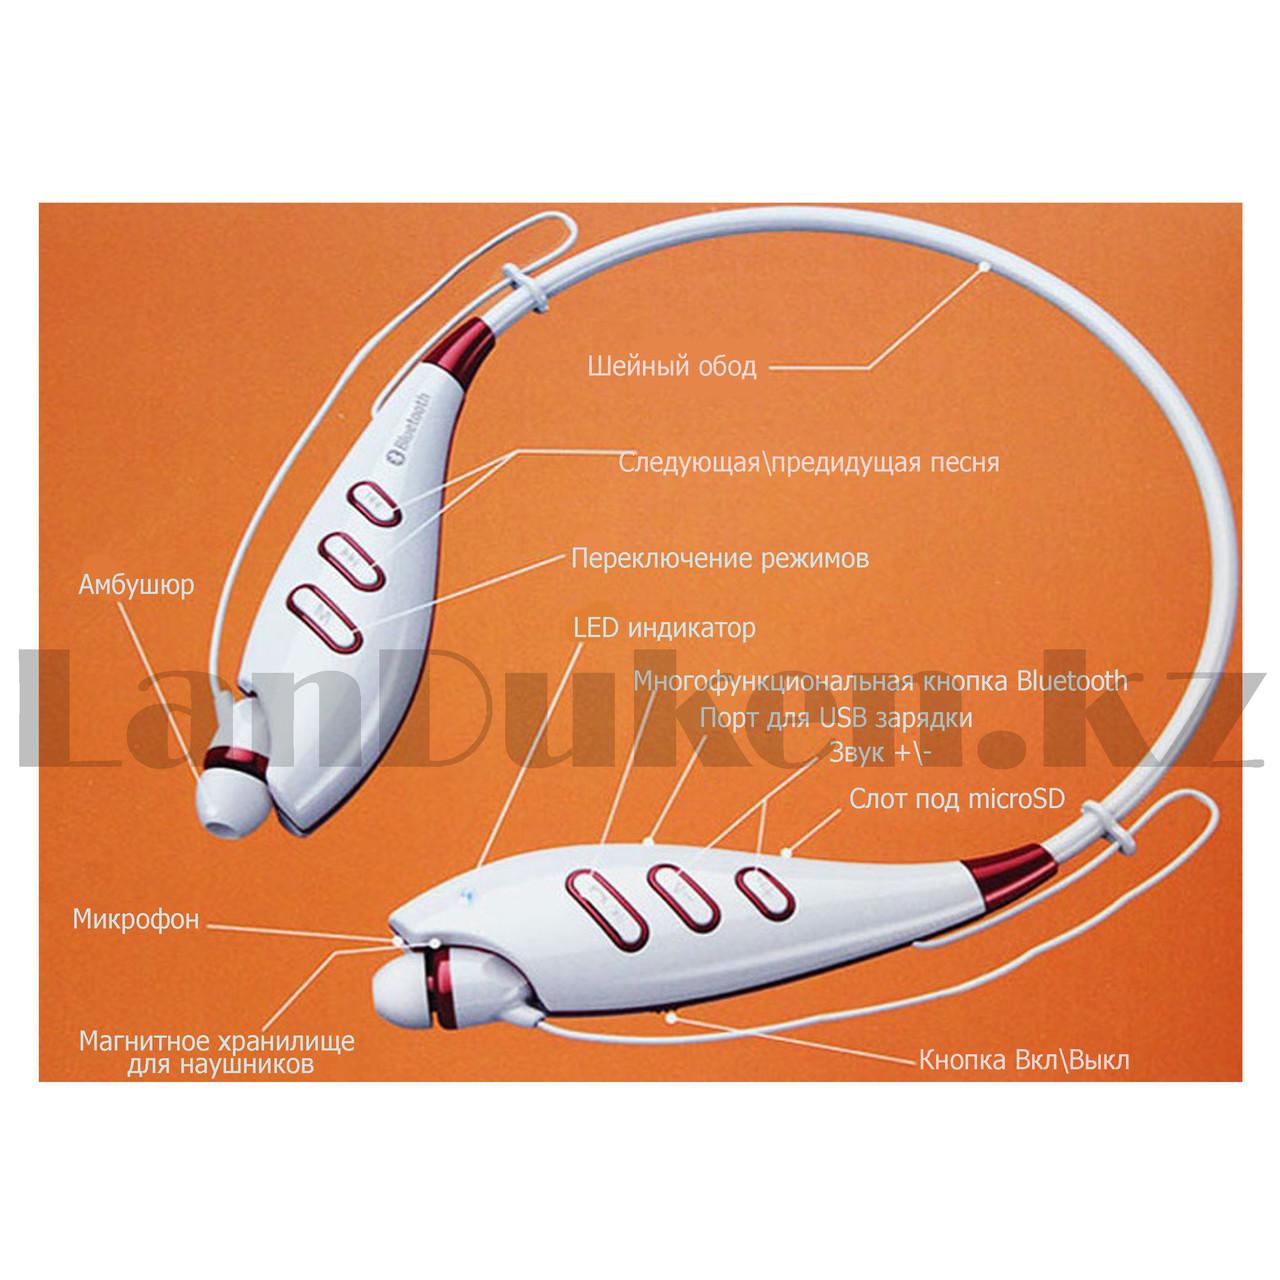 Беспроводные стерео Bluetooth наушники LG-S740T белые - фото 7